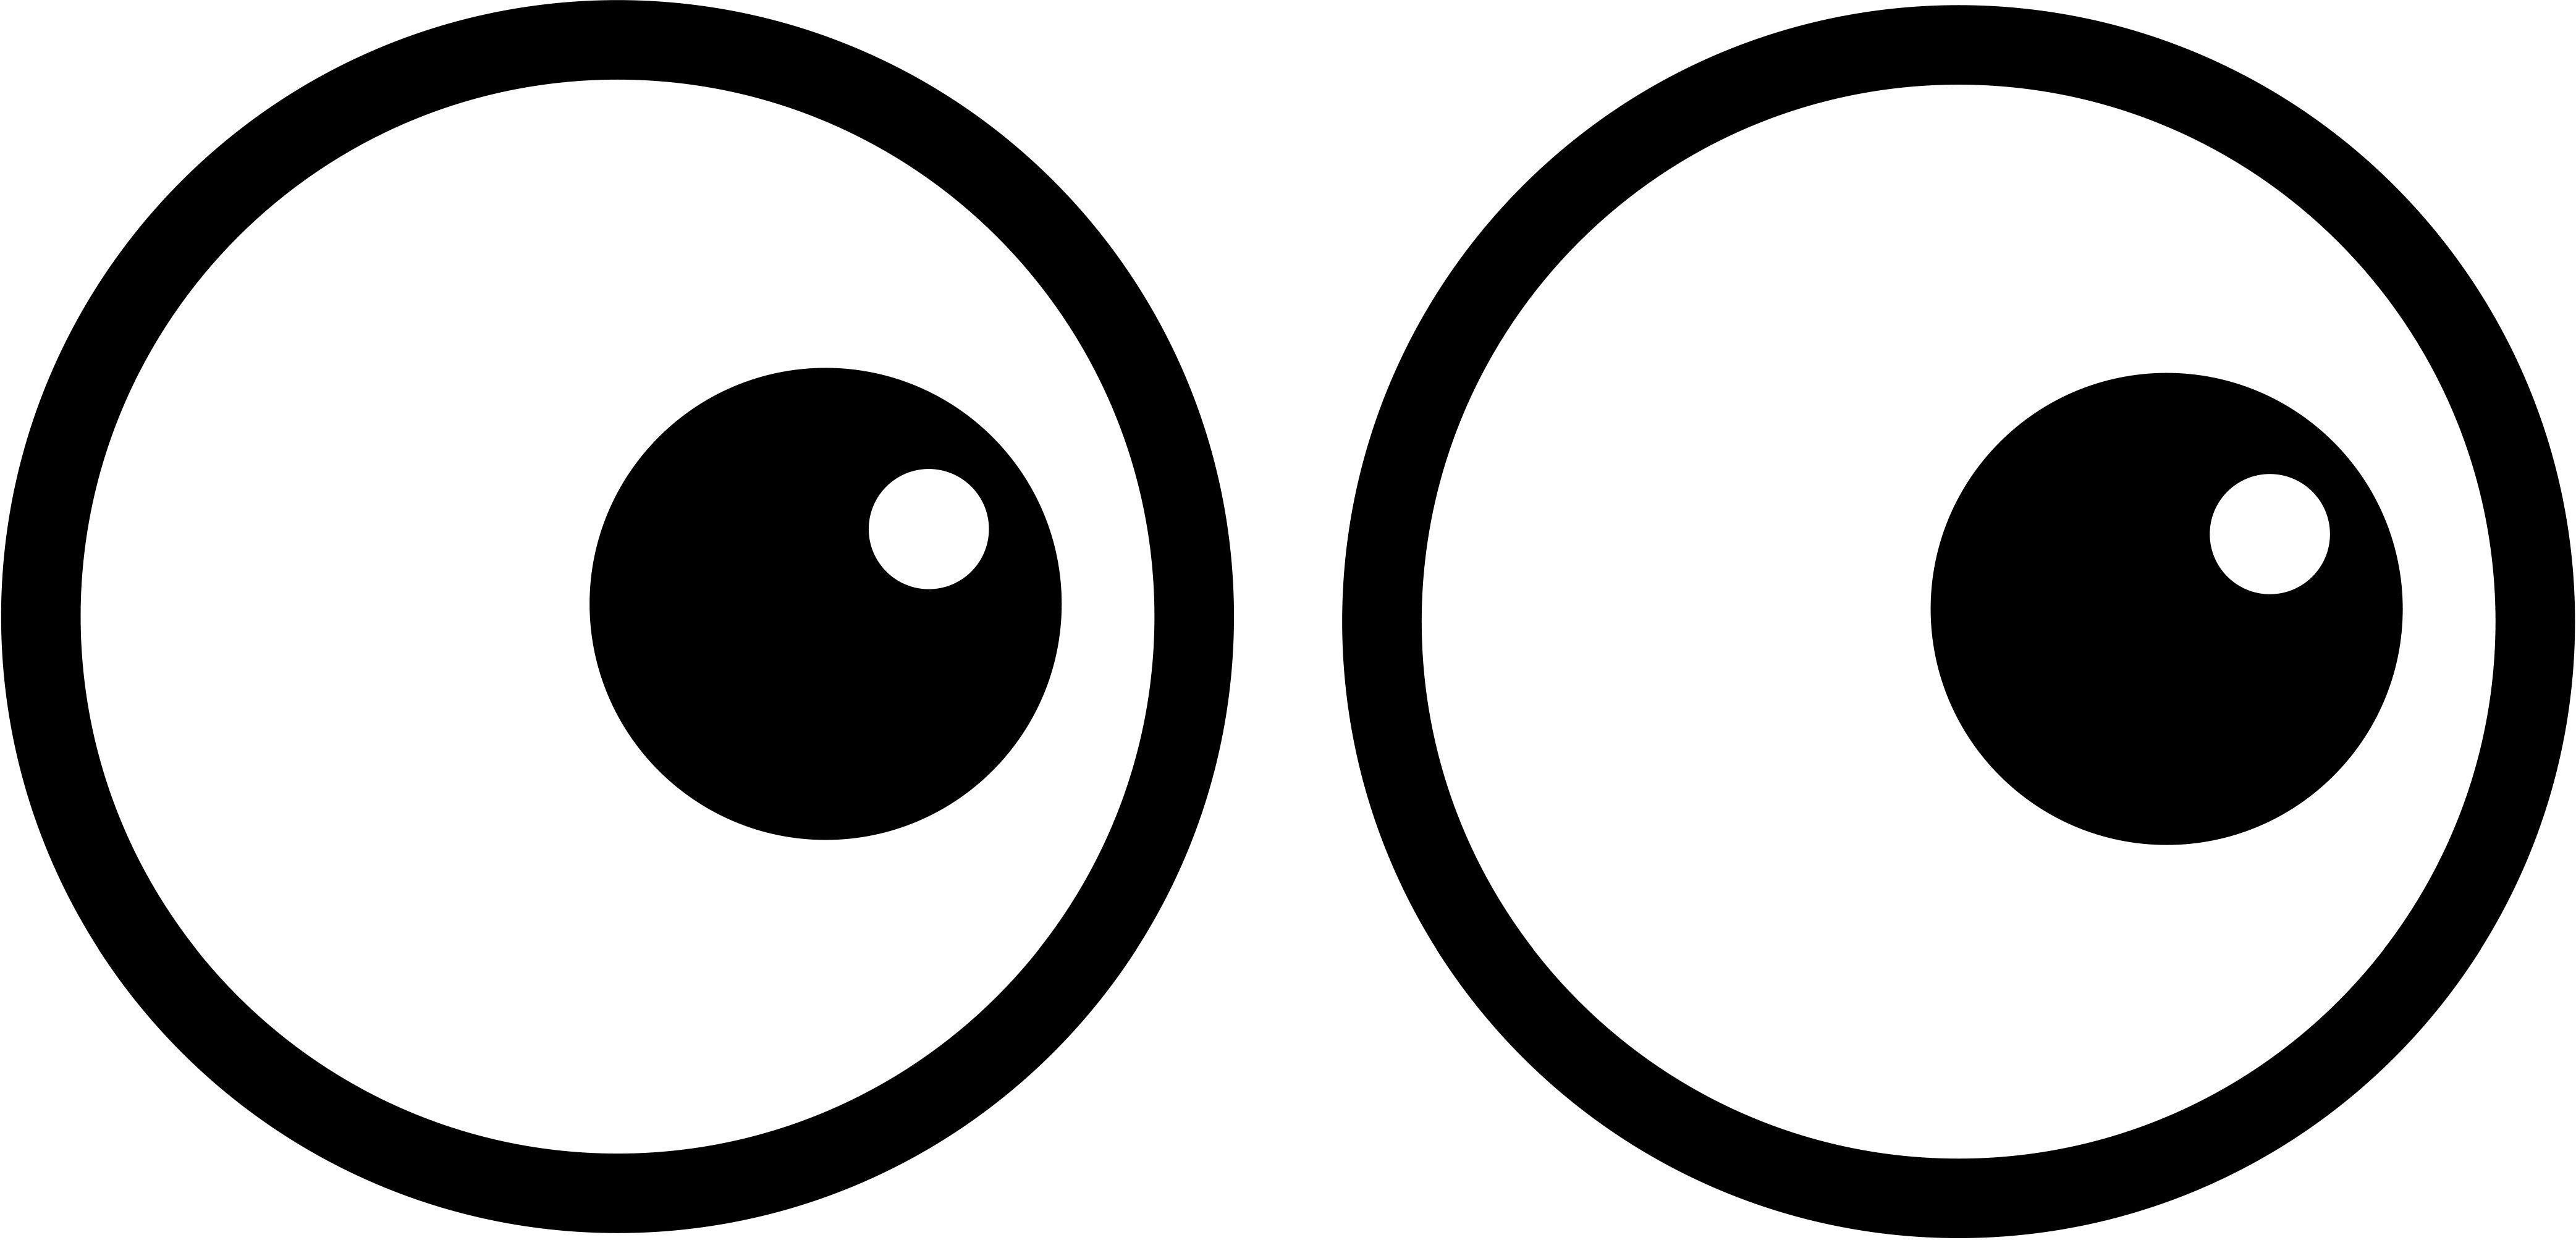 x eyes eye. Eyeball clipart craft